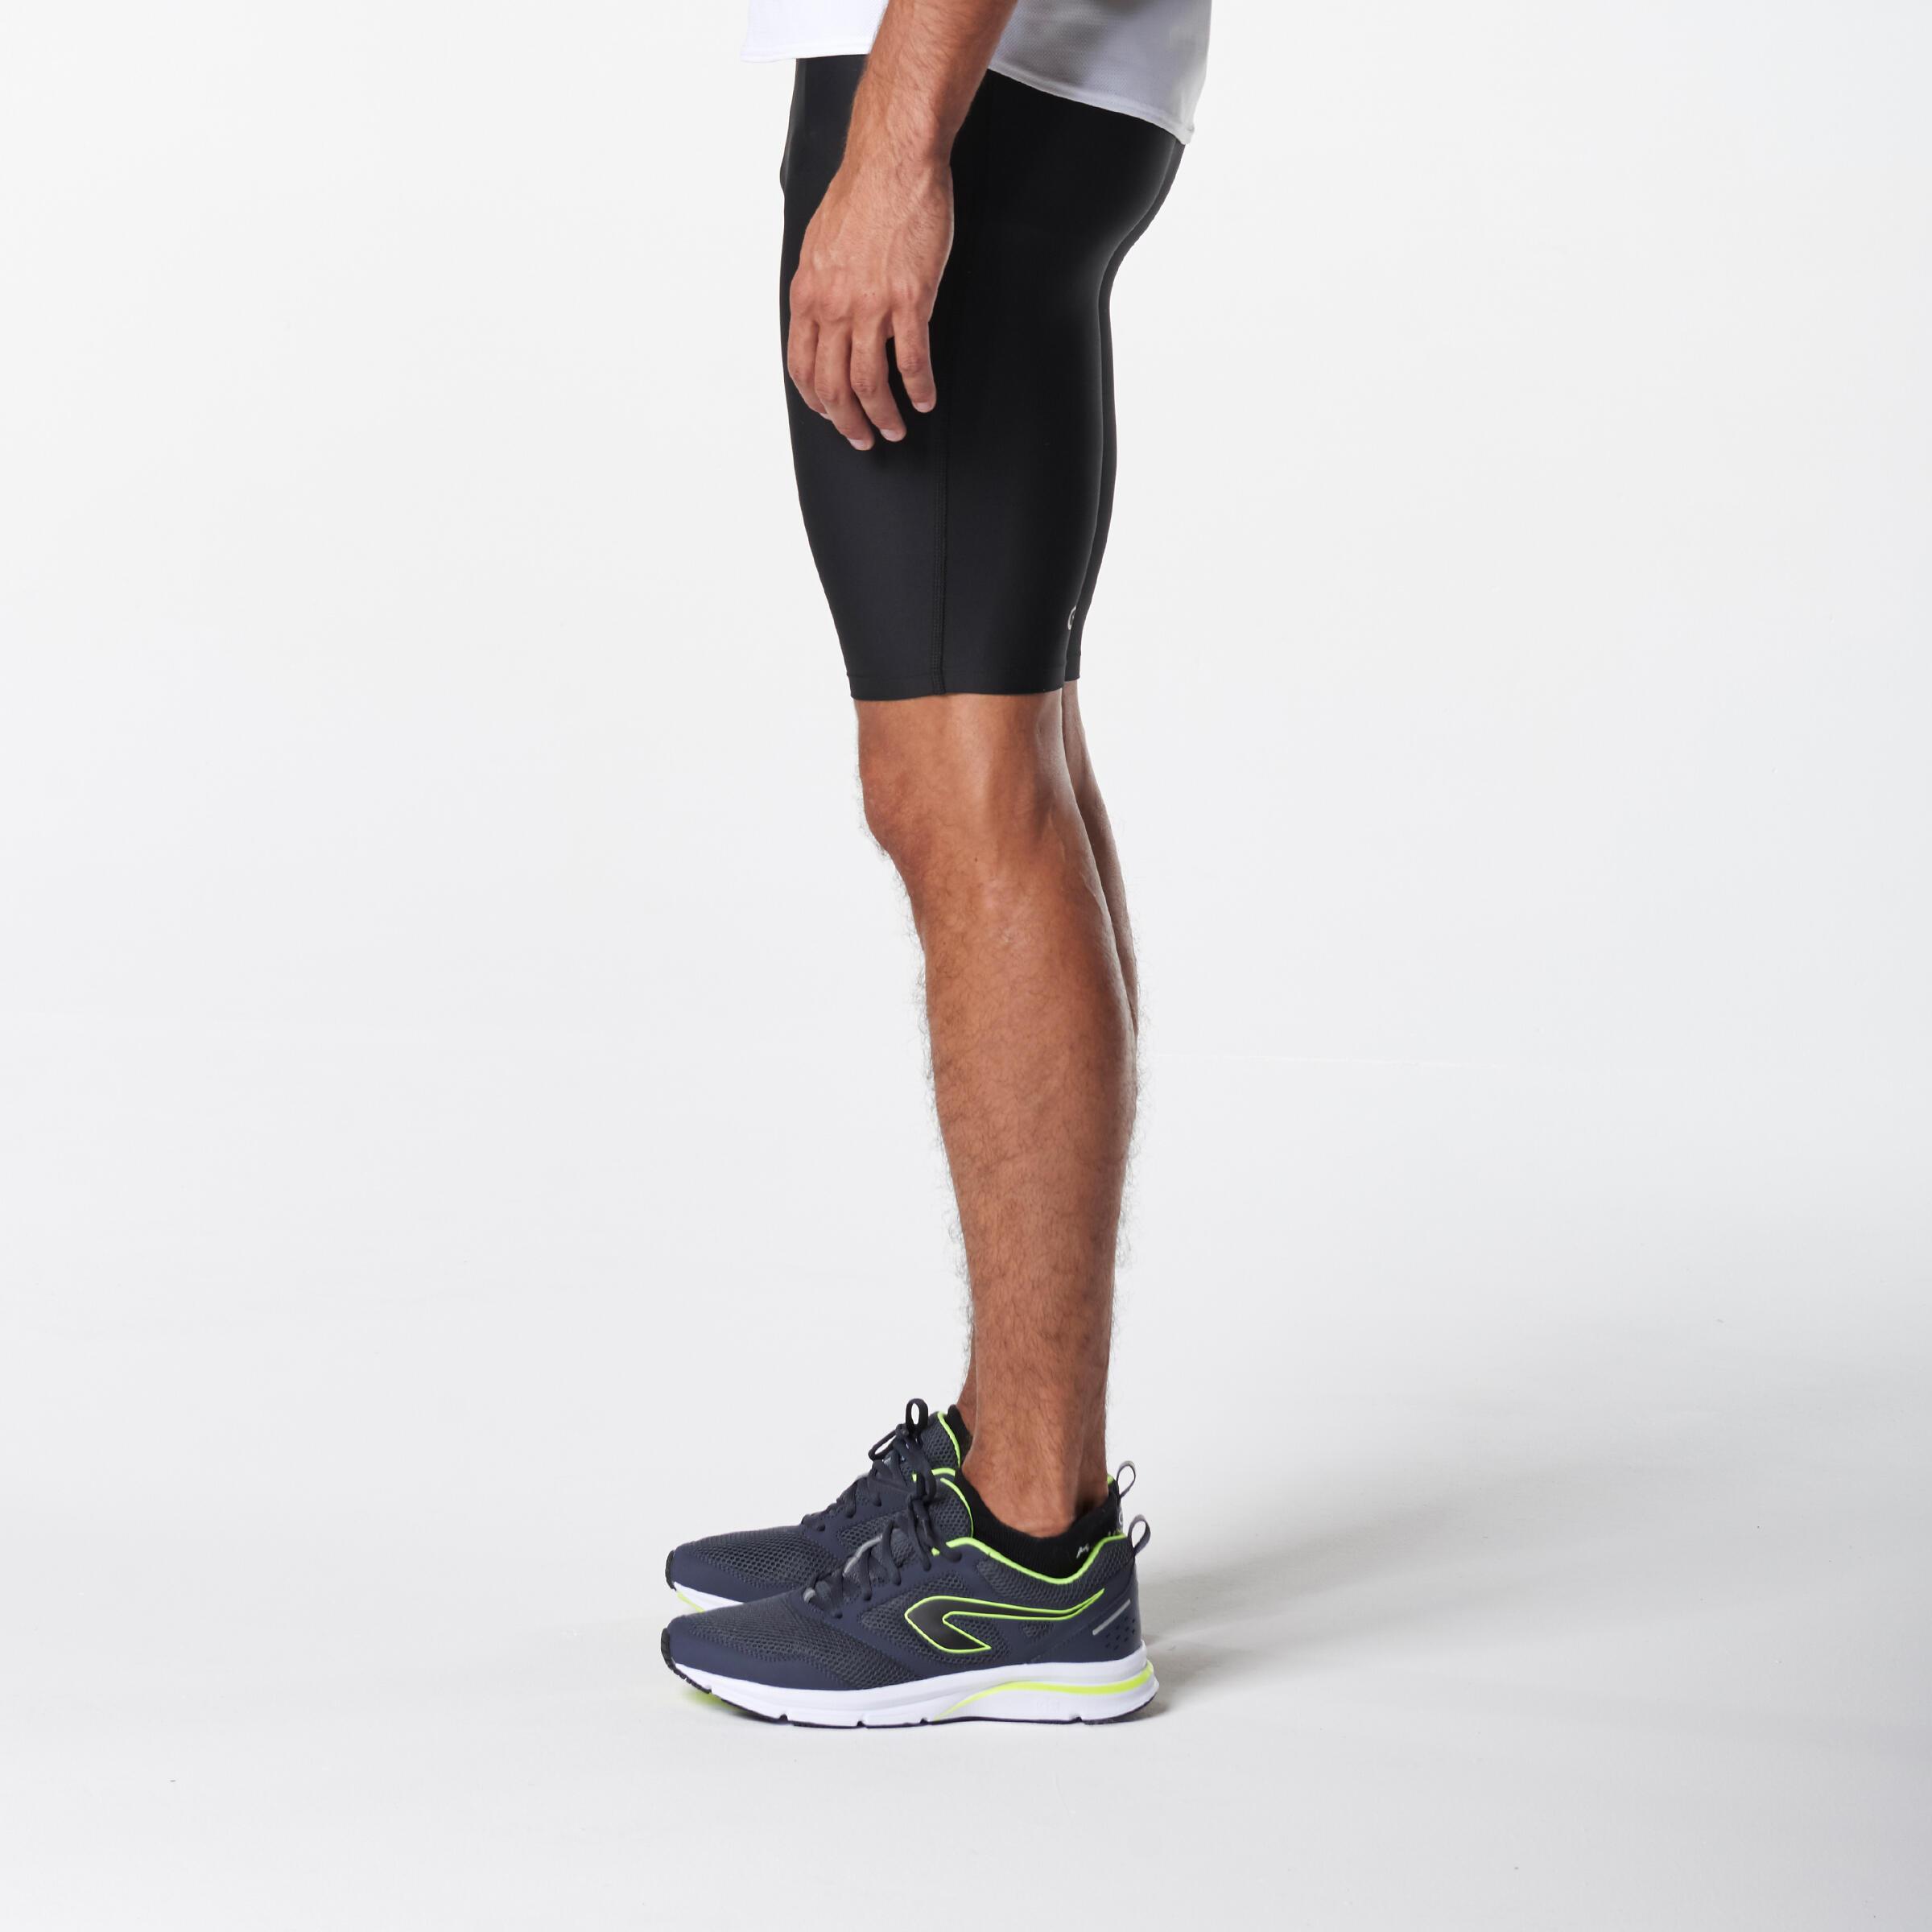 RUN DRY+ MEN'S RUNNING TIGHT SHORTS BLACK